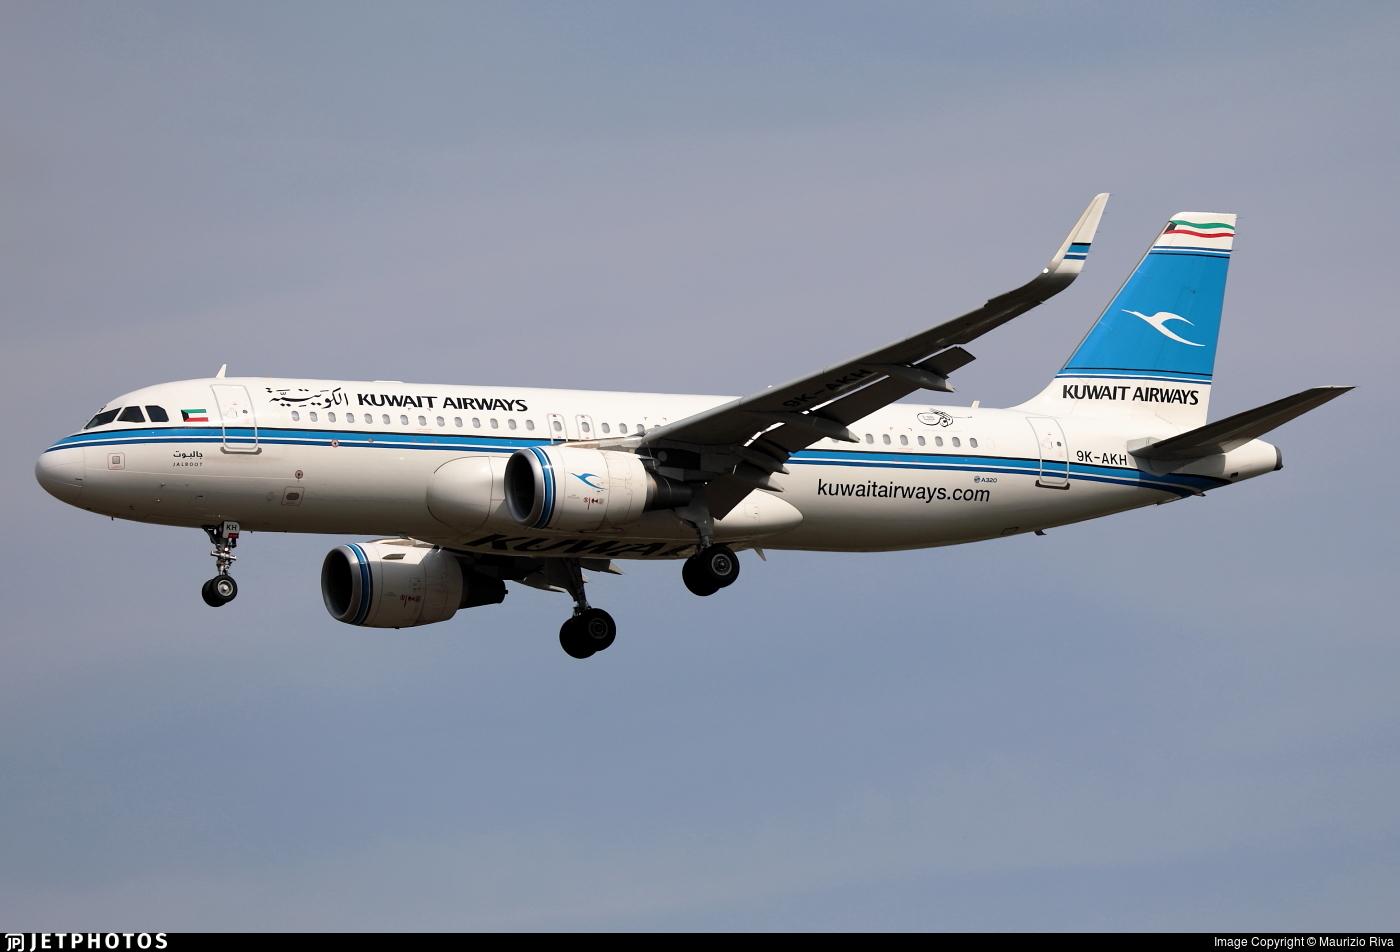 9K-AKH - Airbus A320-214 - Kuwait Airways